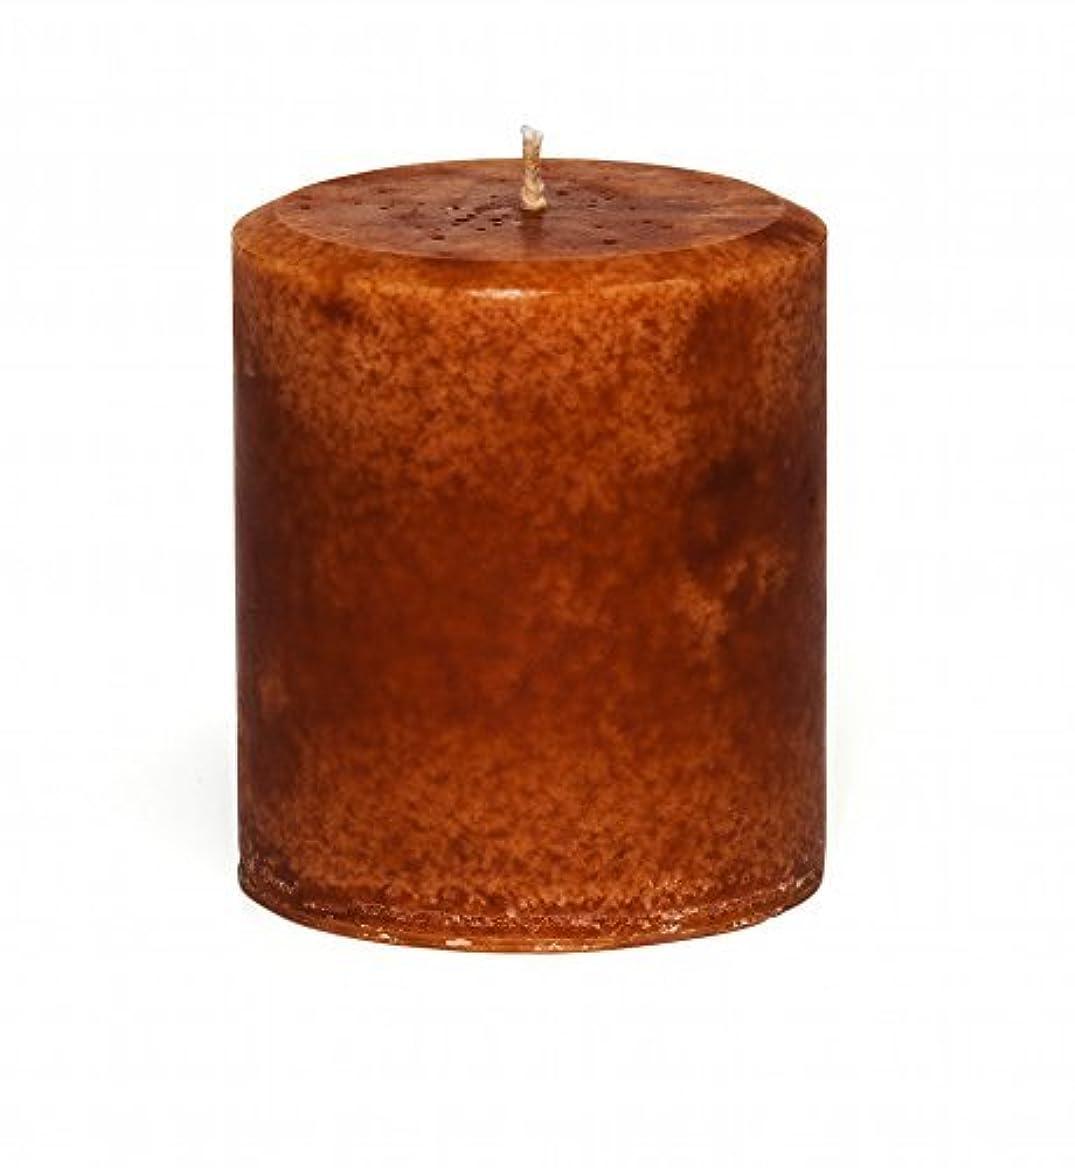 天皇打倒合唱団Jensanシナモンオレンジ香りつき装飾Pillar Candle、ハンドメイド – 装飾 – 強力な香り